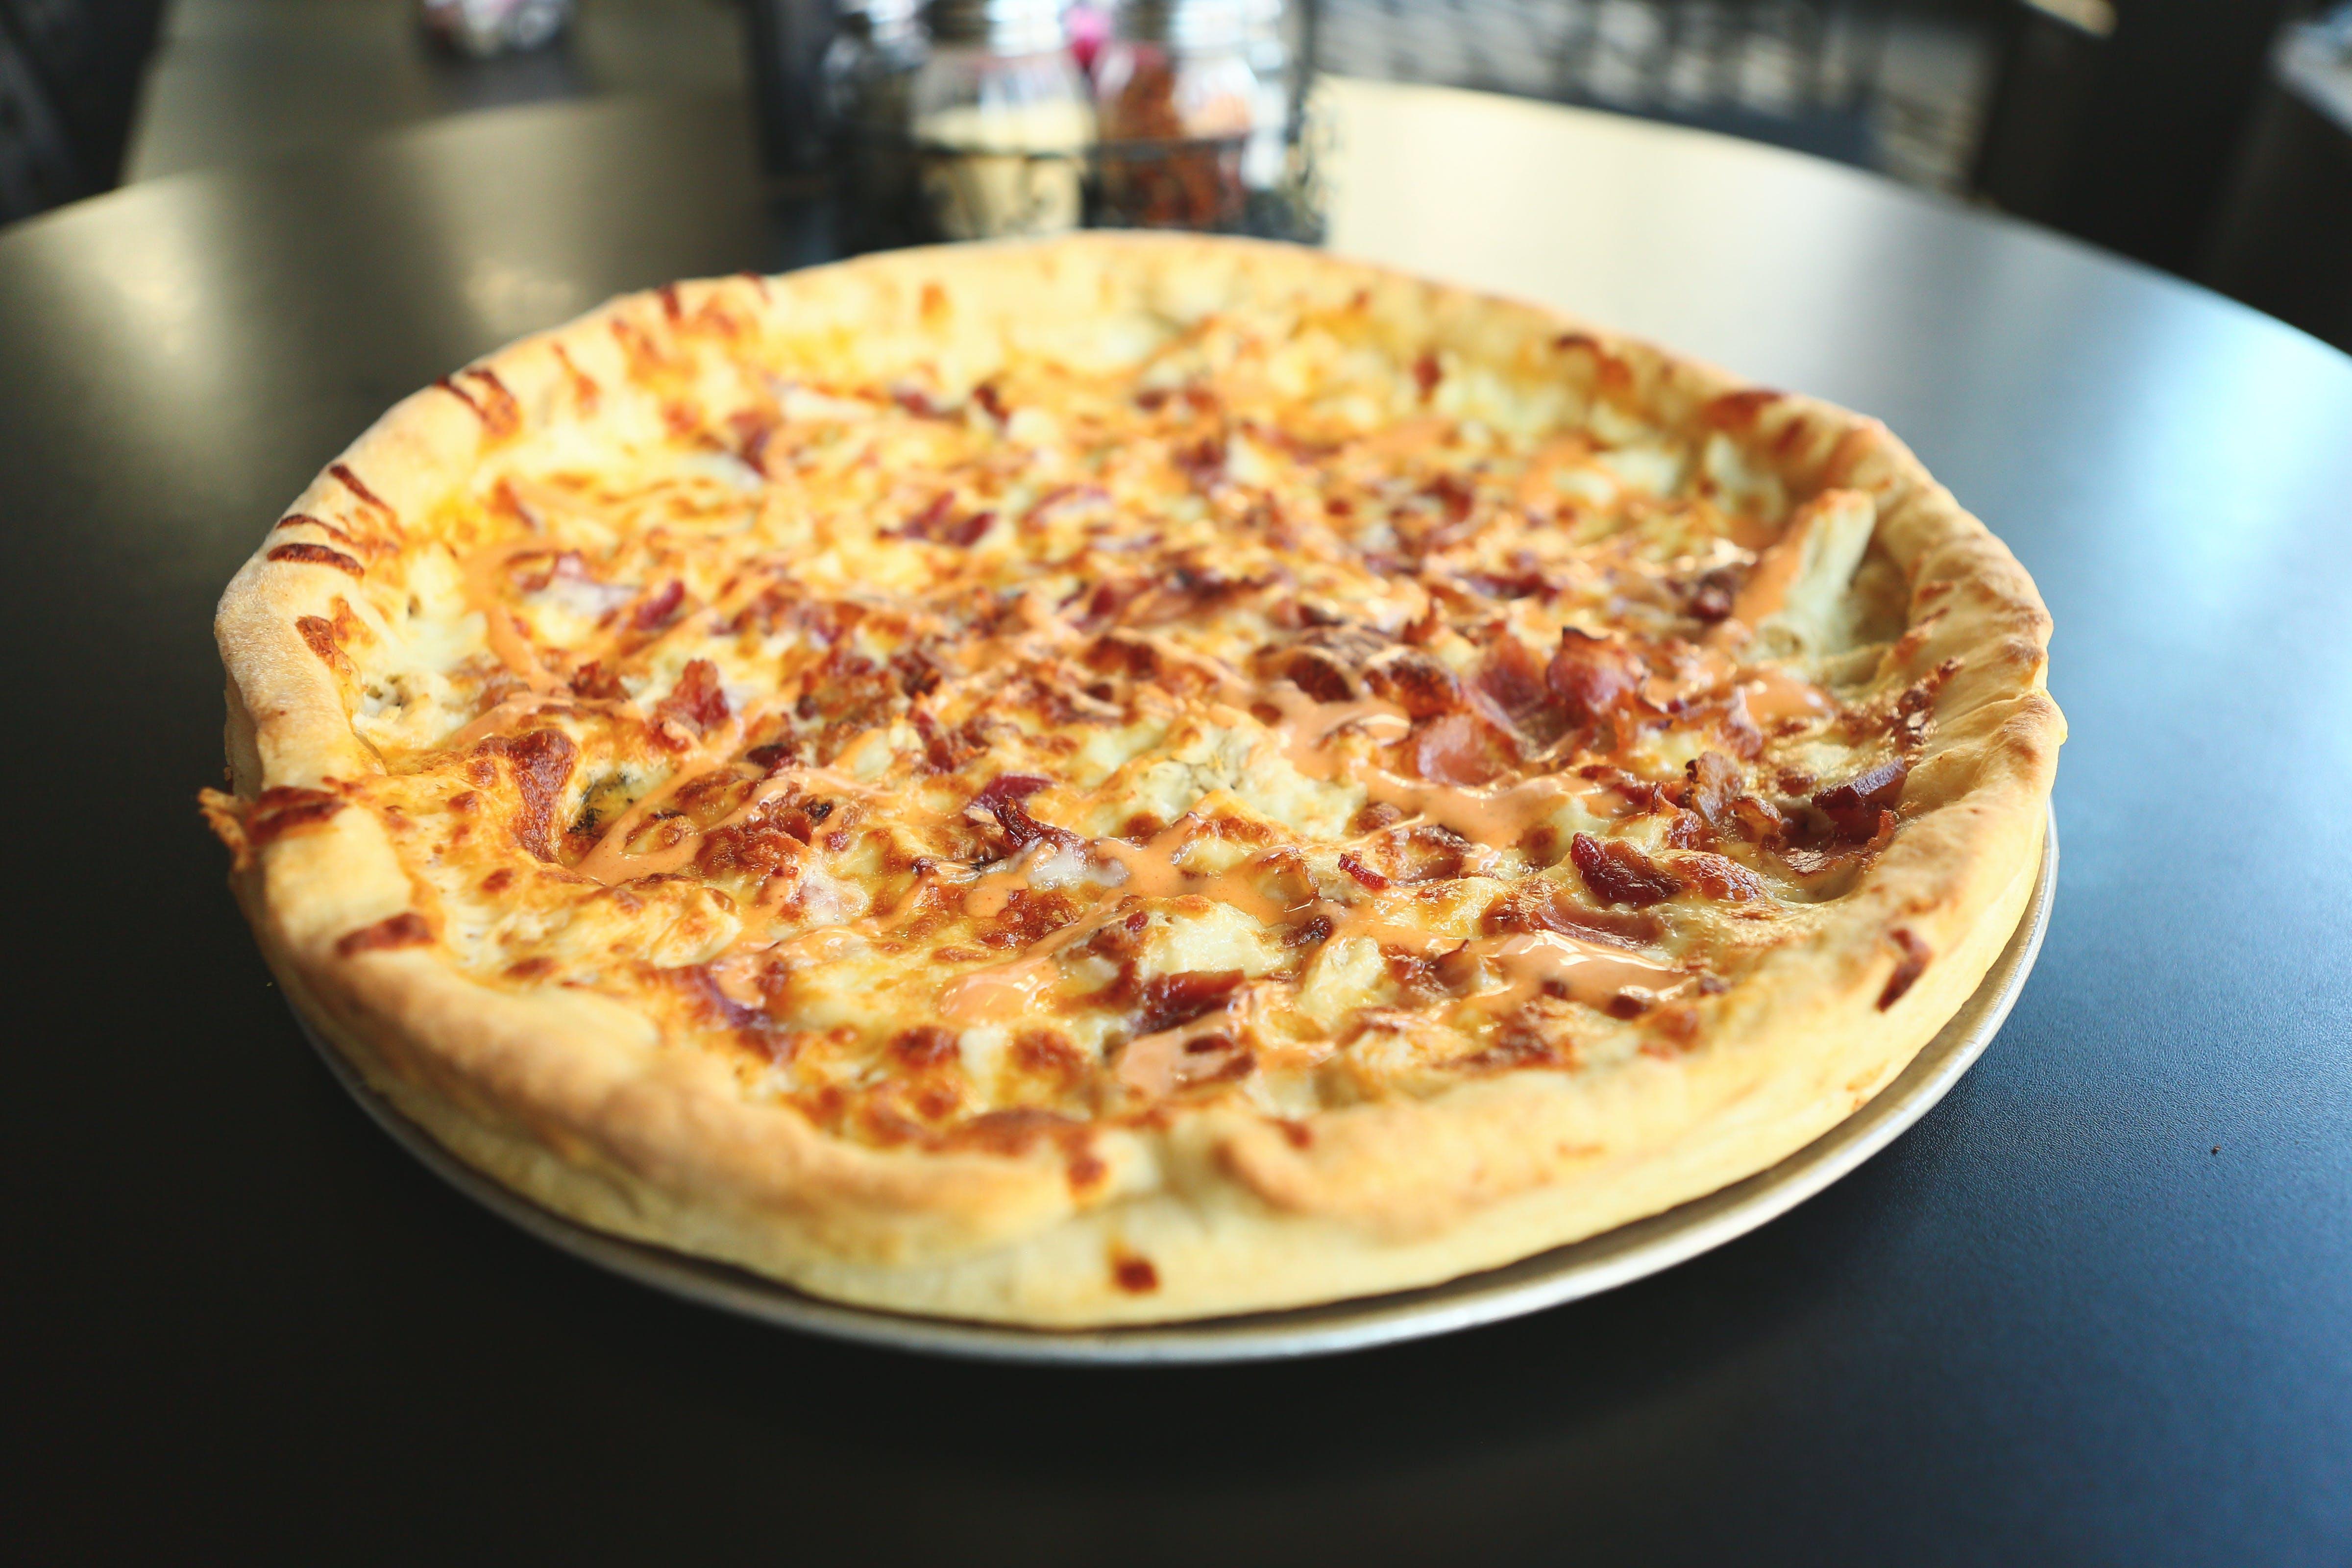 The Arizona Ranch Pizza from Falbo Bros. Pizzeria - Sun Prairie in Sun Prairie, WI